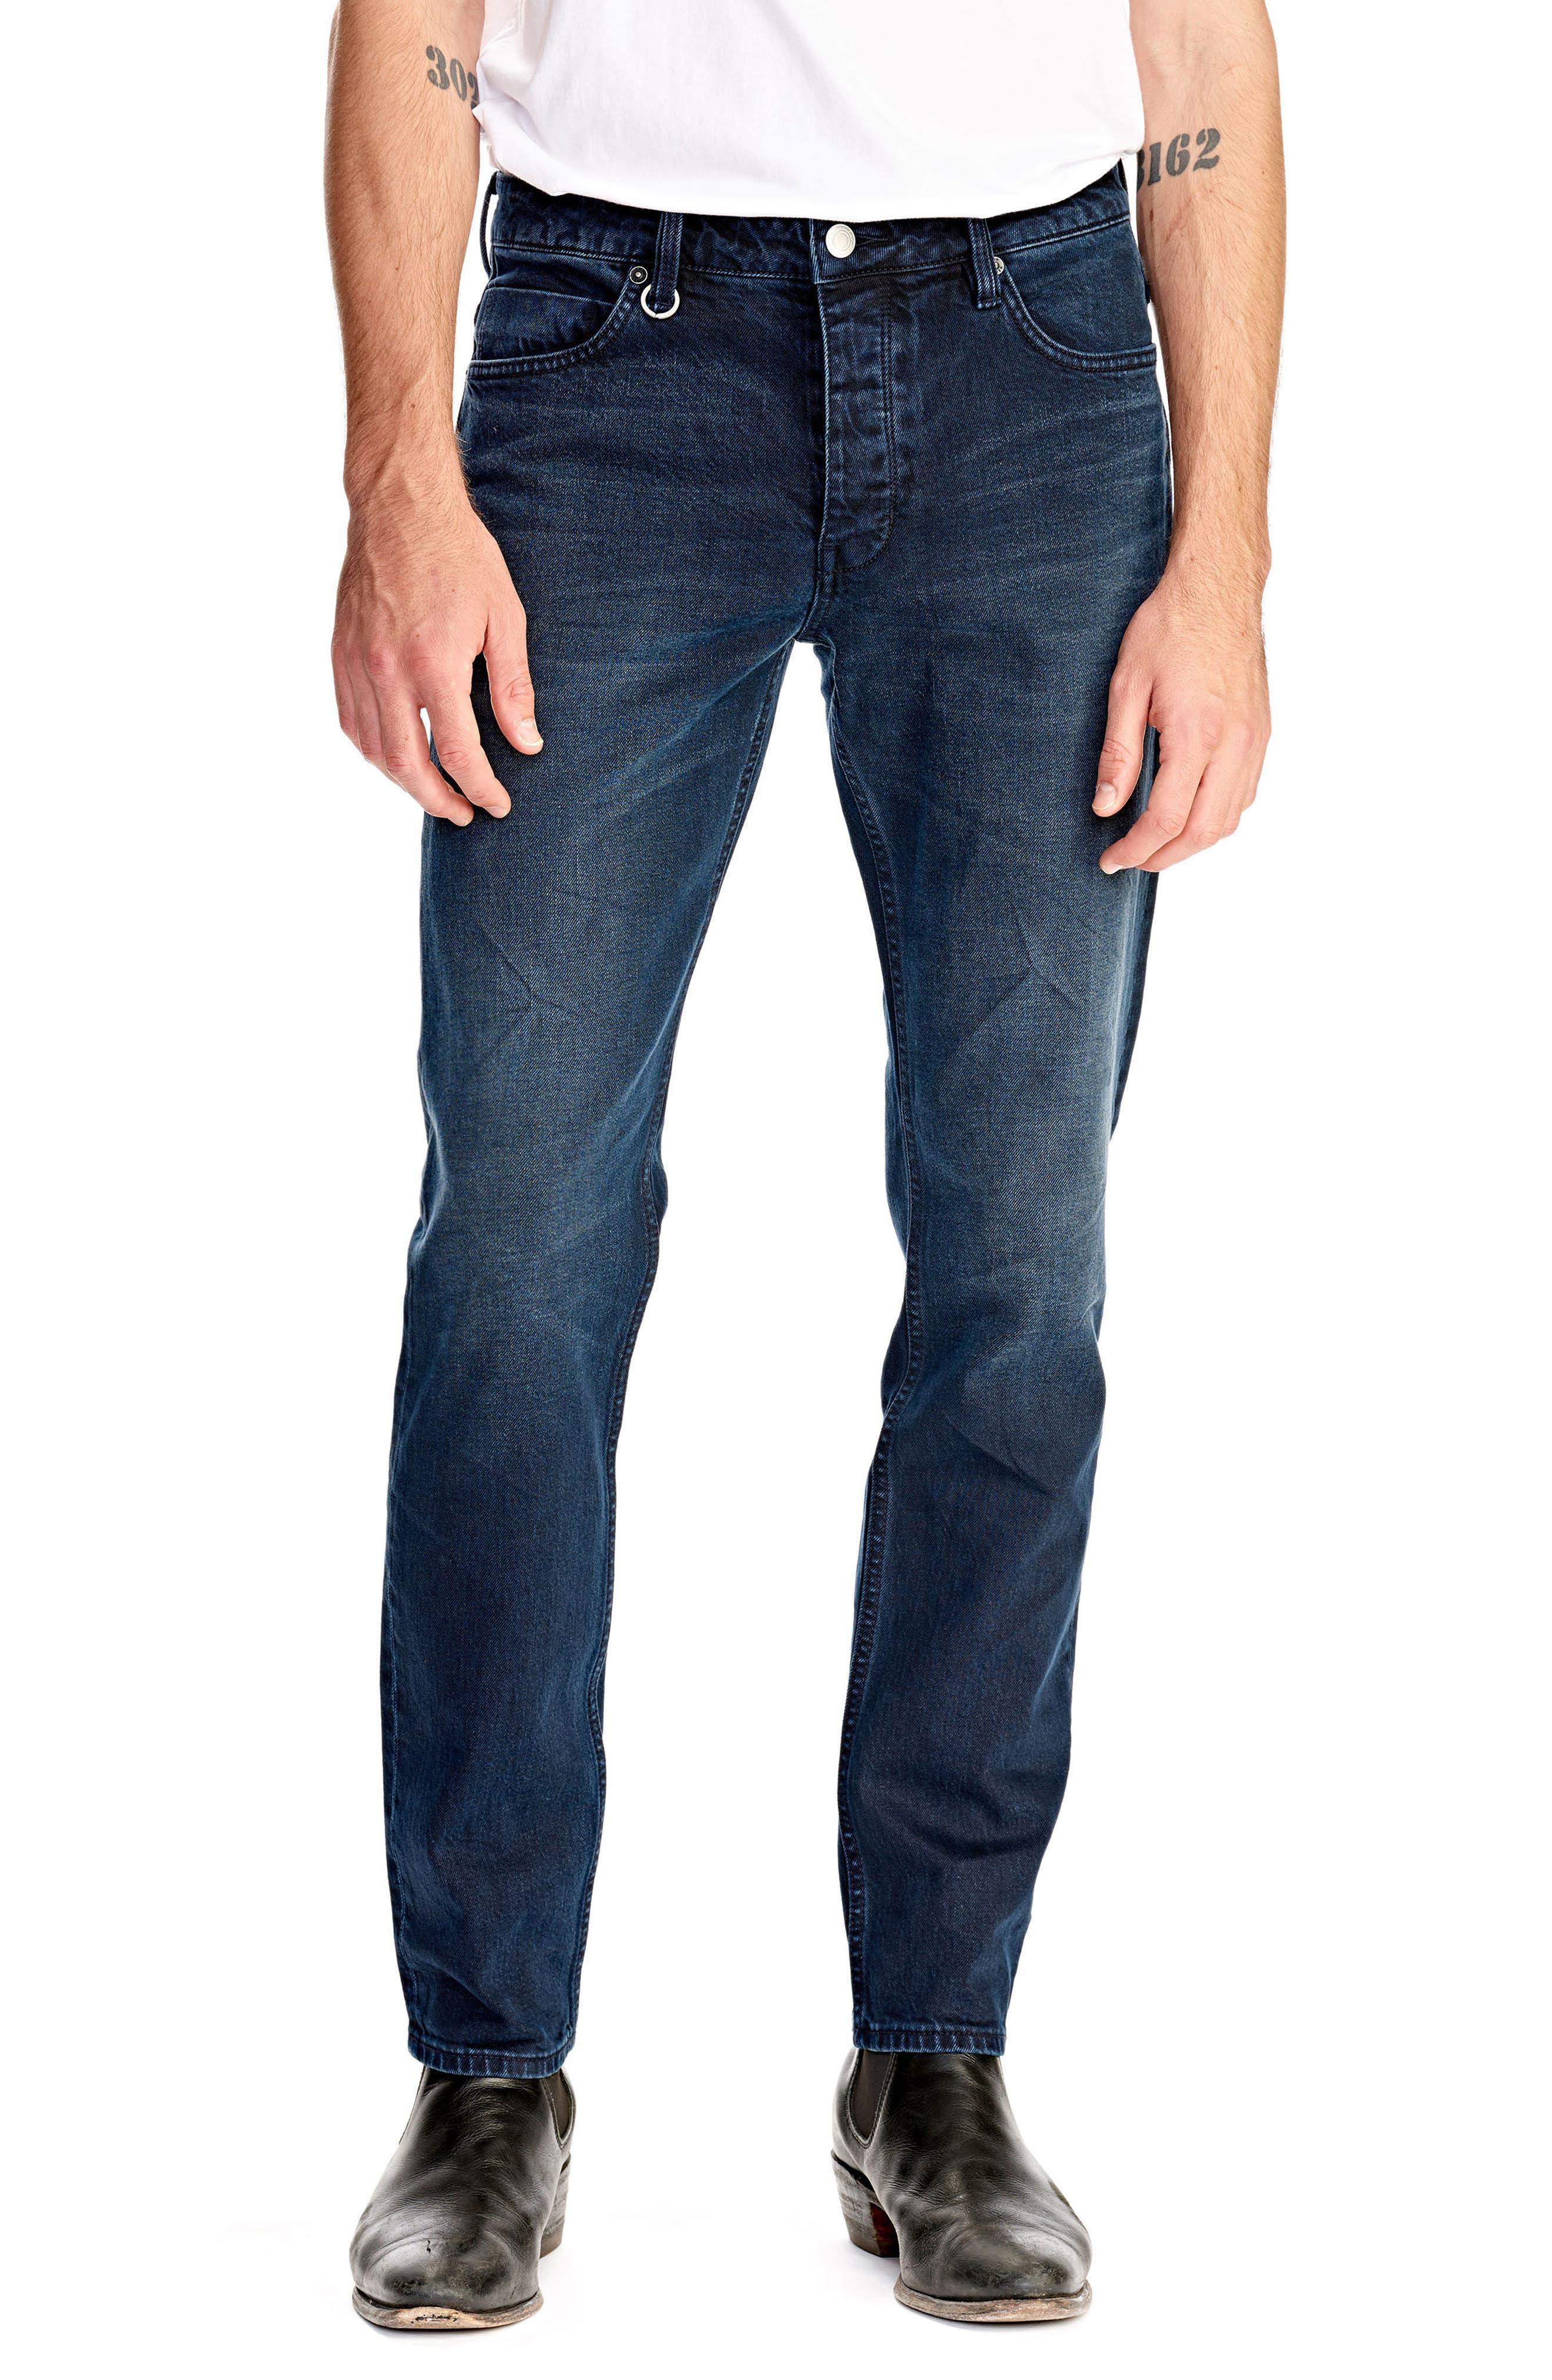 Lou Slim Fit Jeans,                             Main thumbnail 1, color,                             ZYDECO